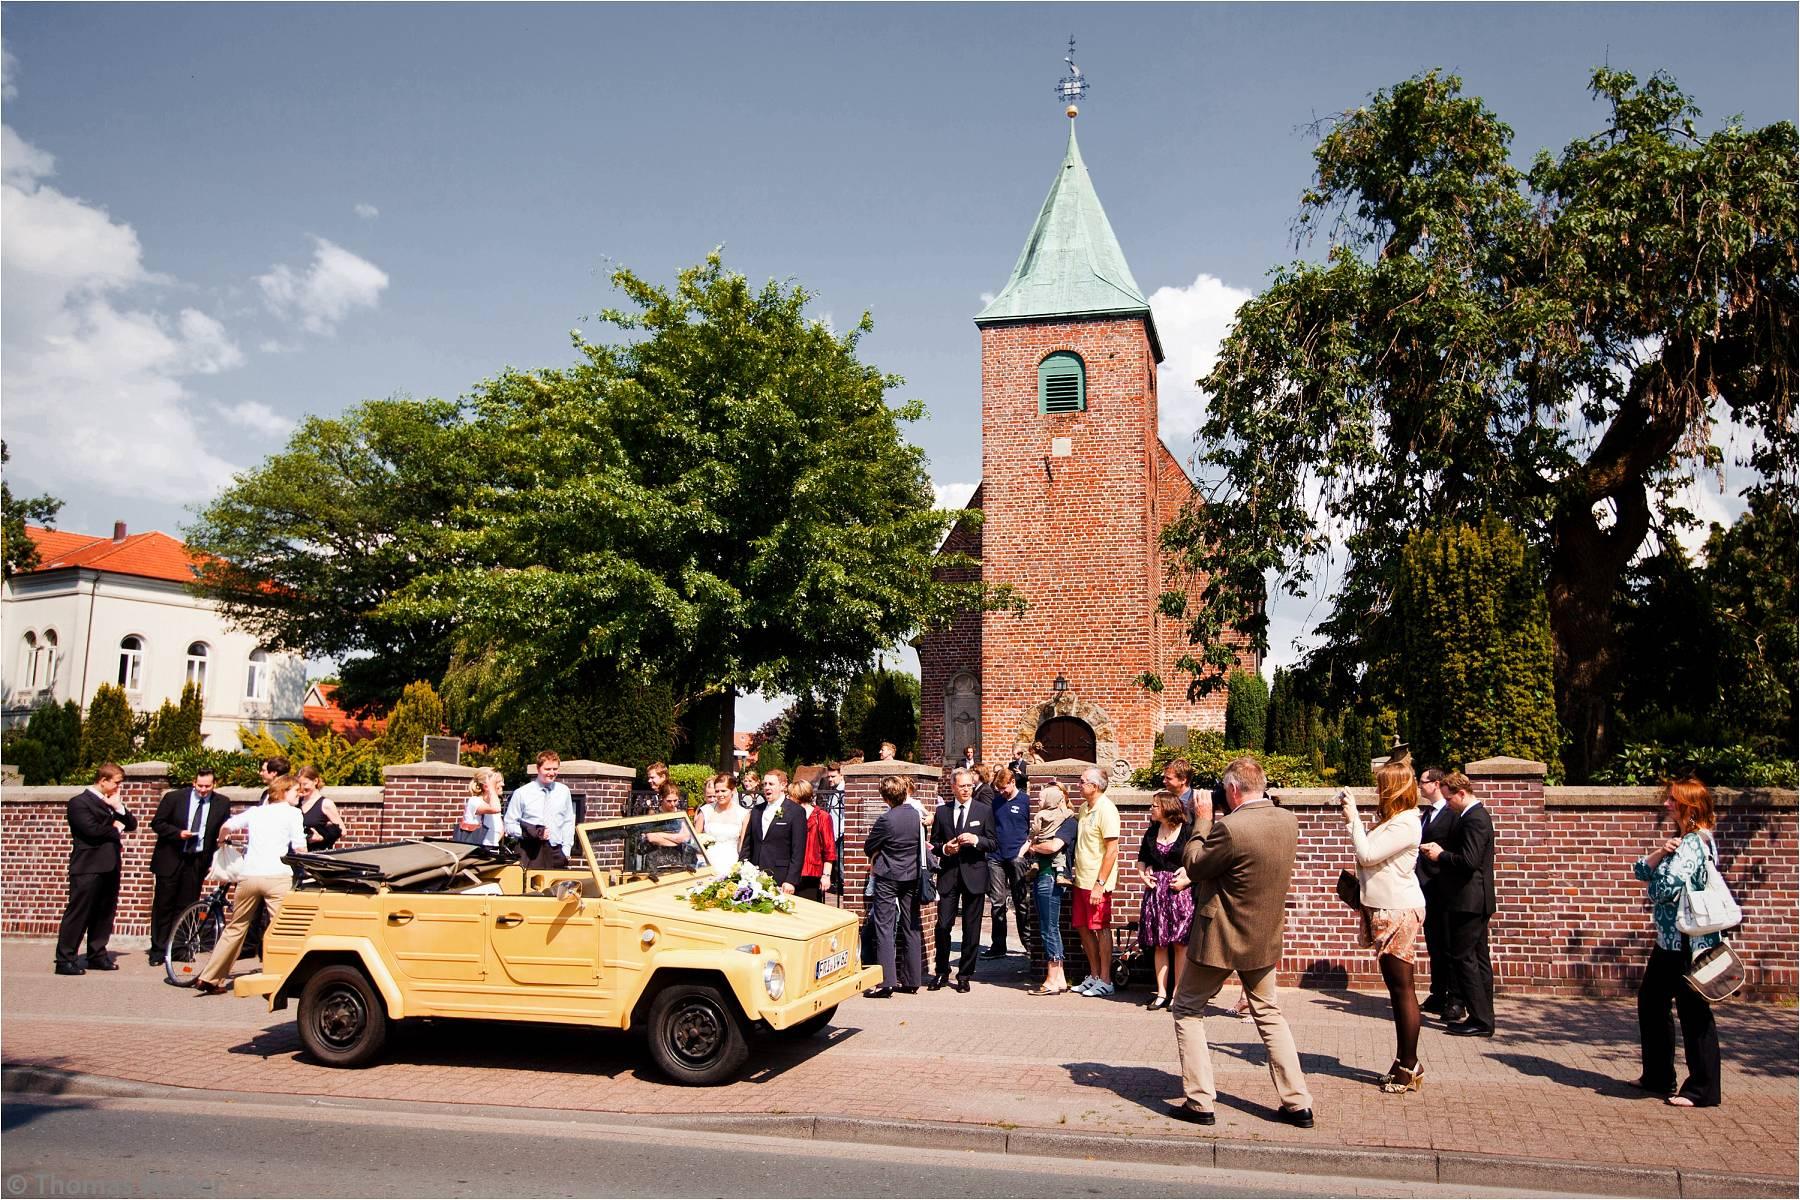 Hochzeitsfotograf Oldenburg: Kirchliche Trauung in der Dreifaltigkeitskirche und Feier im Etzhorner Krug (6)